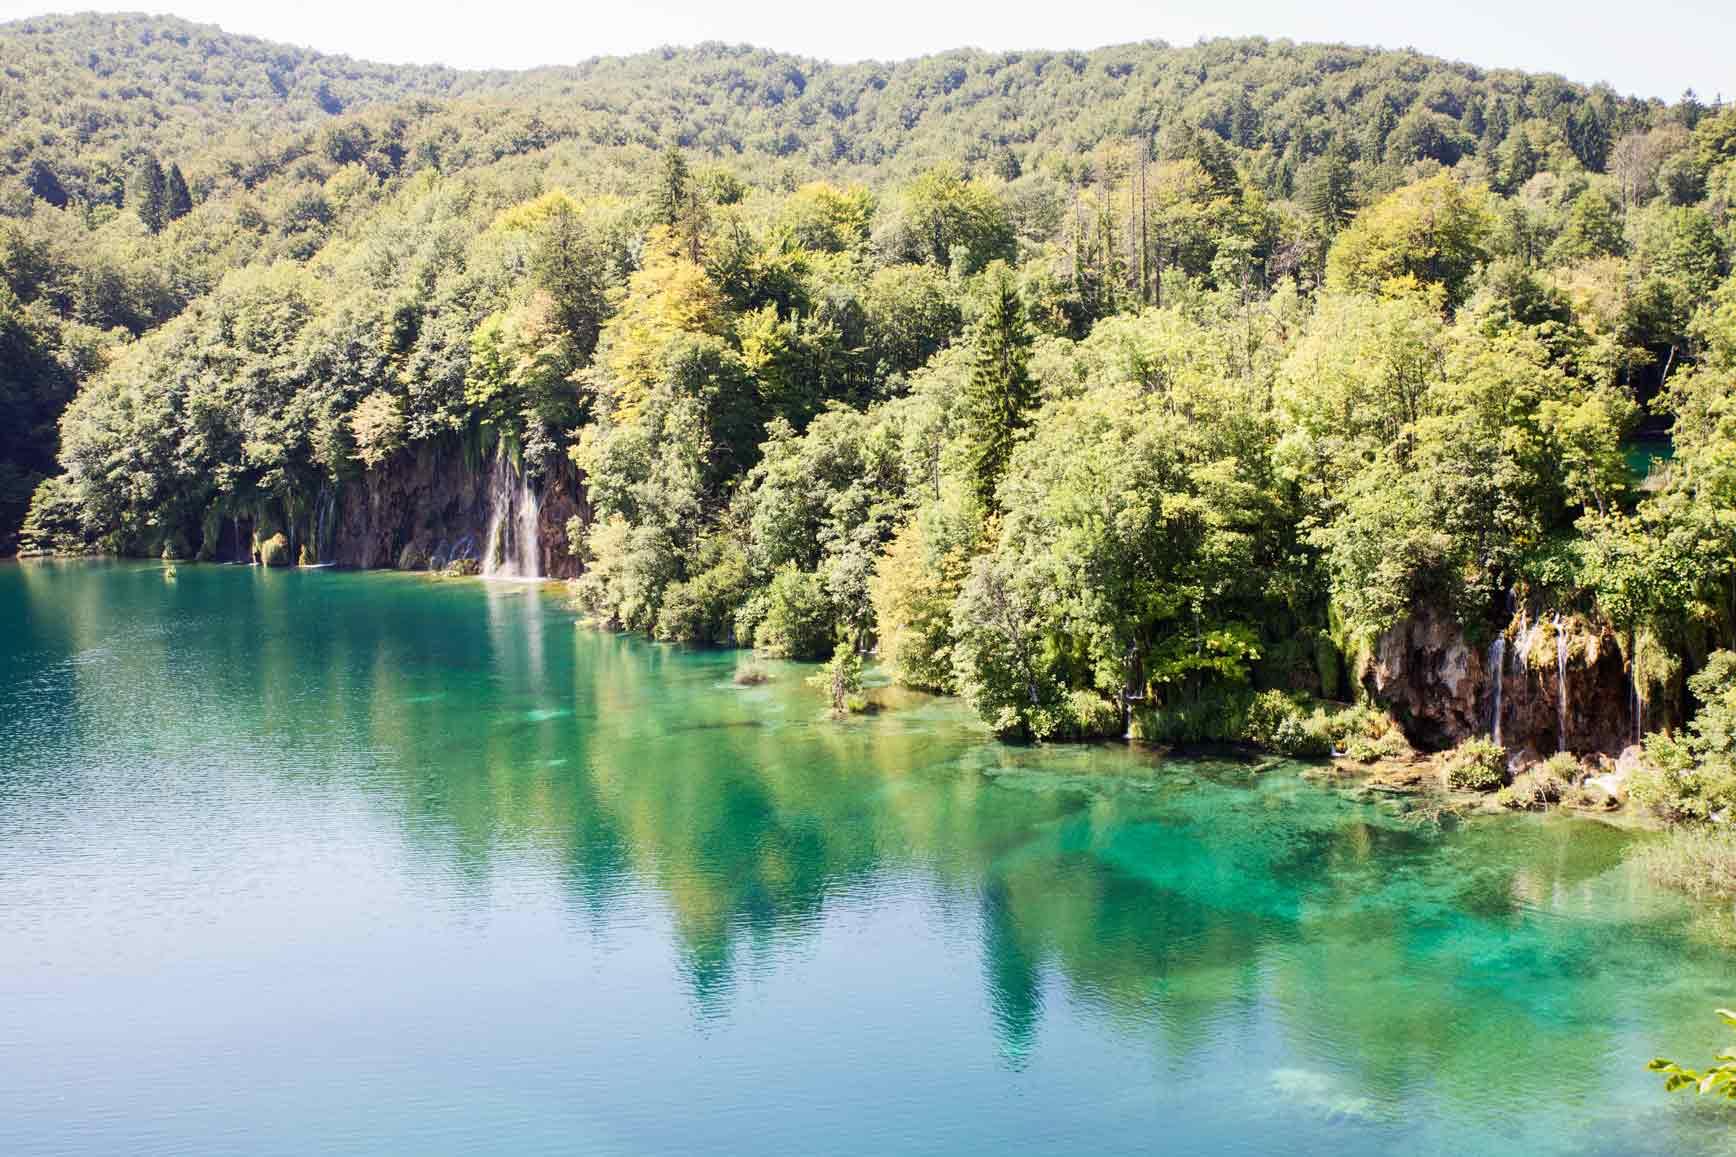 lagos-de-plitvice_claraBmartin_17